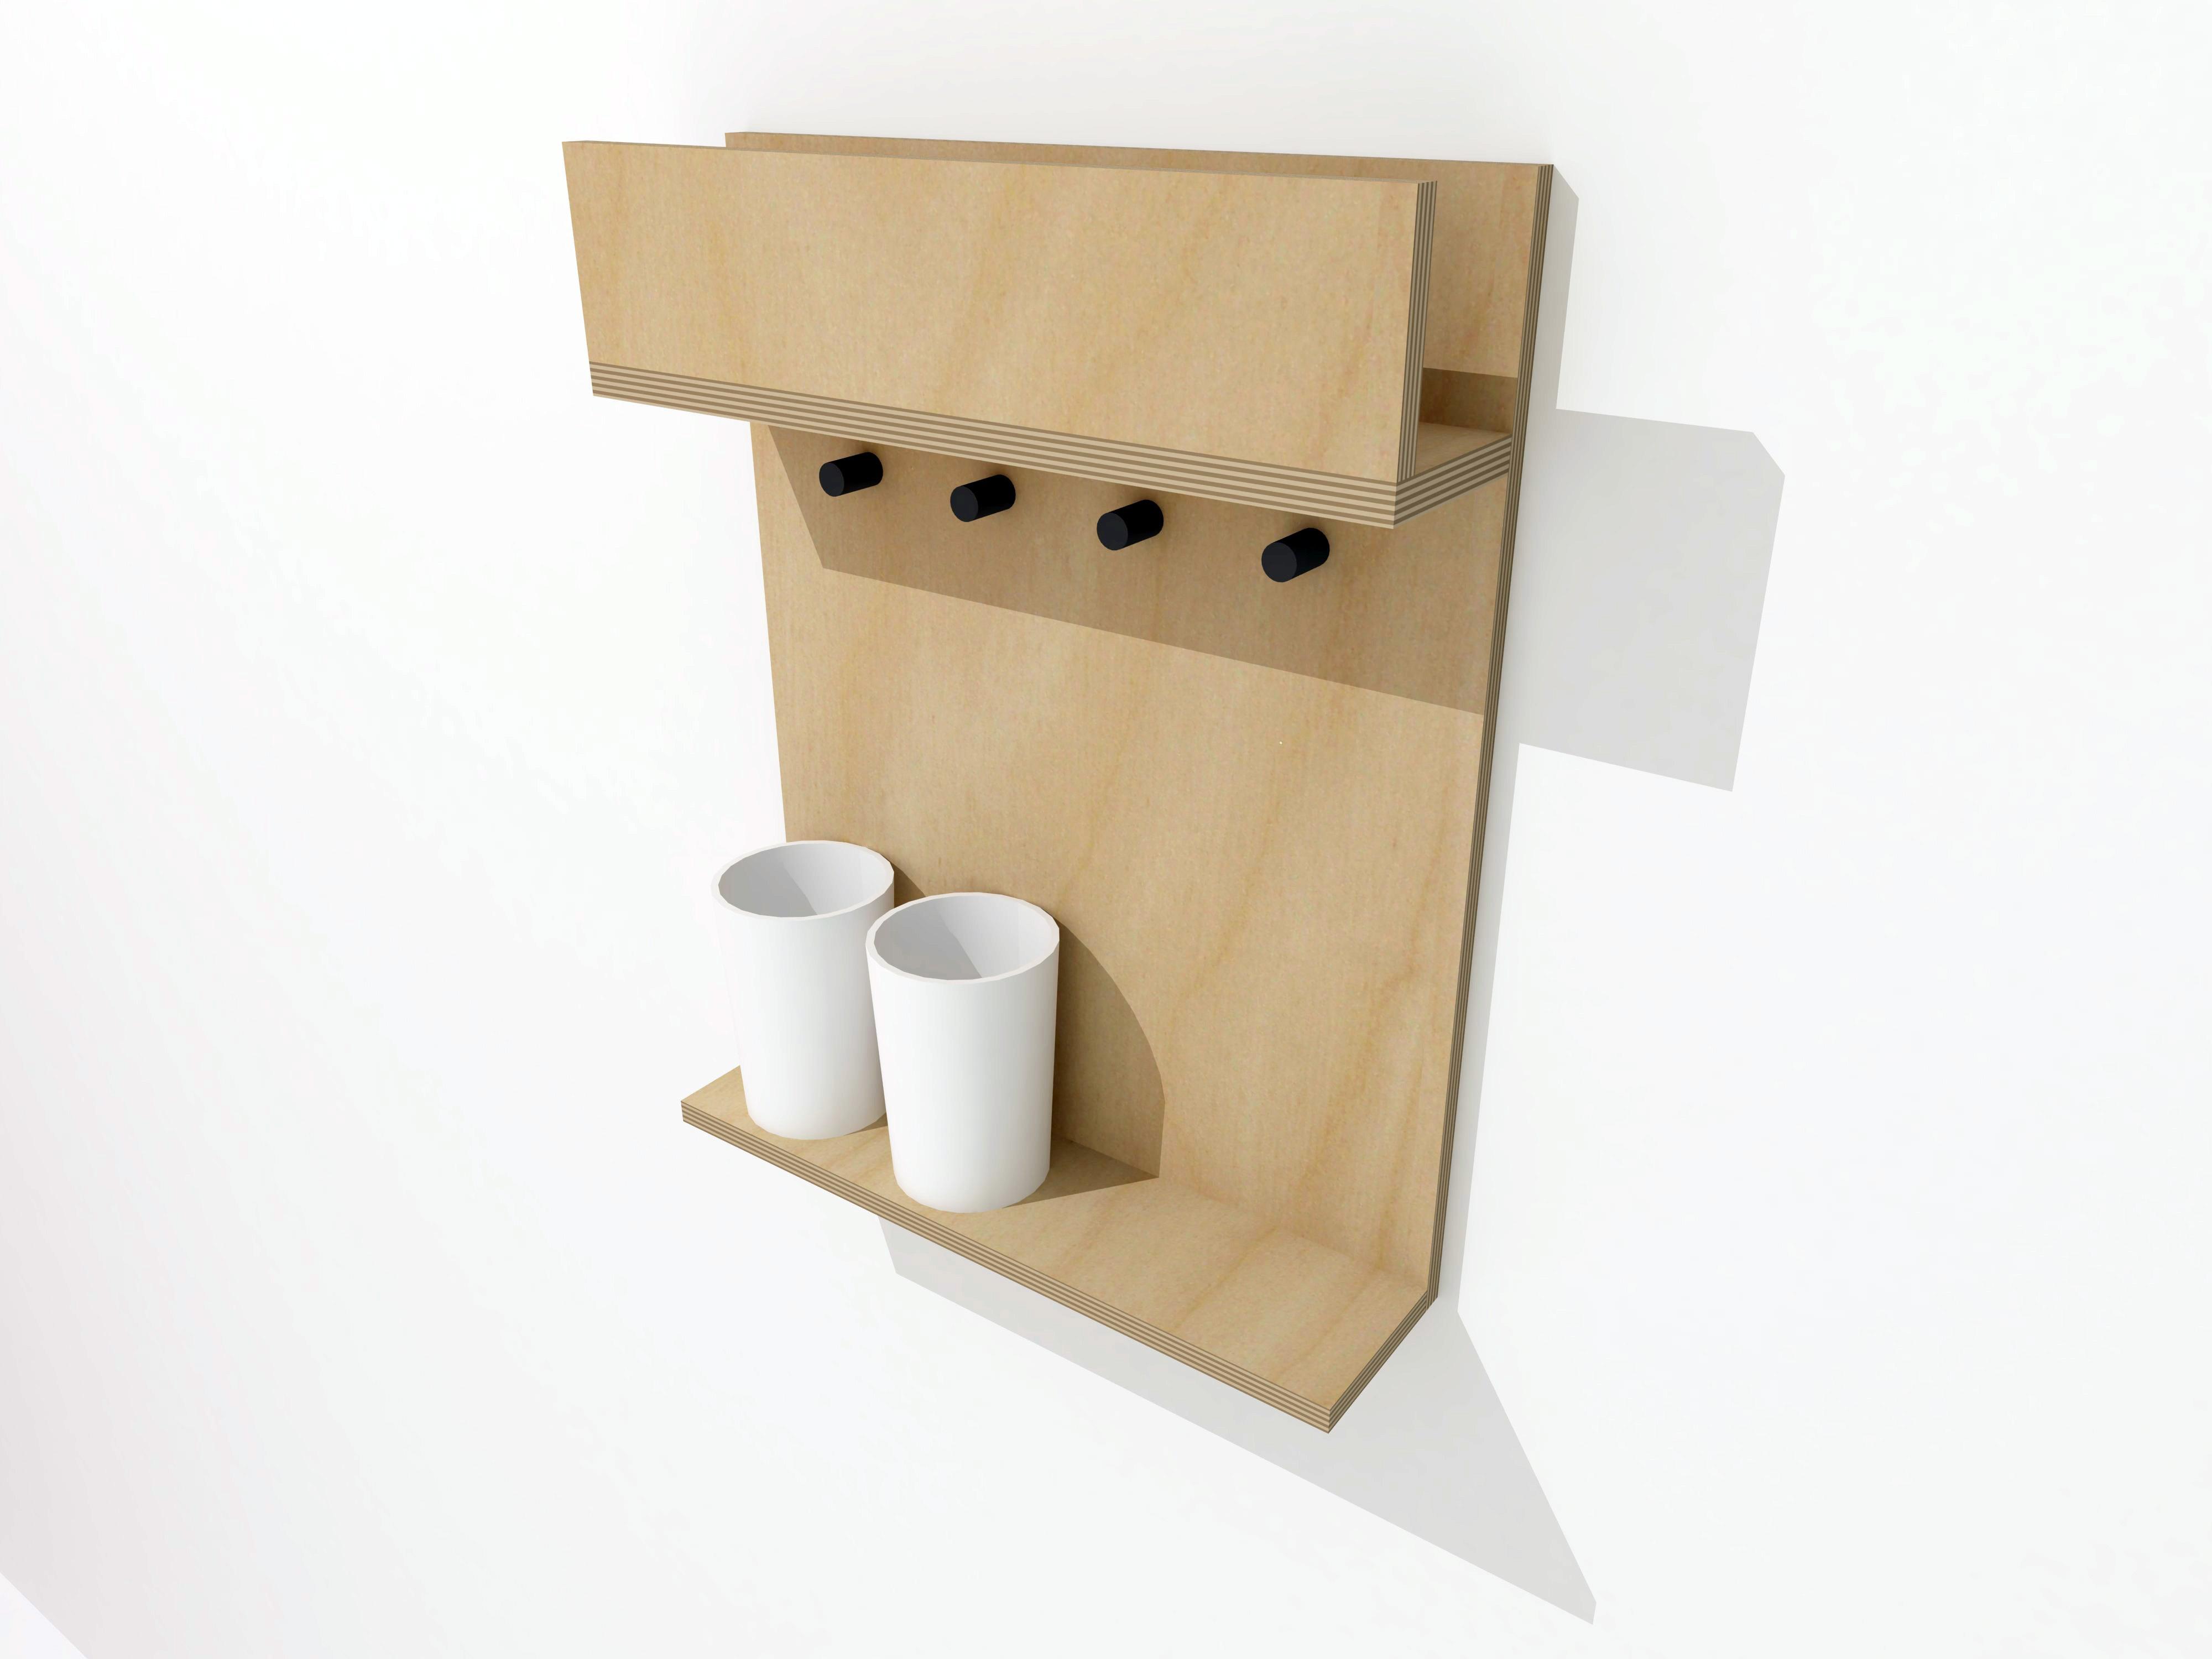 Fotos gratis : mesa, estante, mueble, cajón, producto, 3d ...